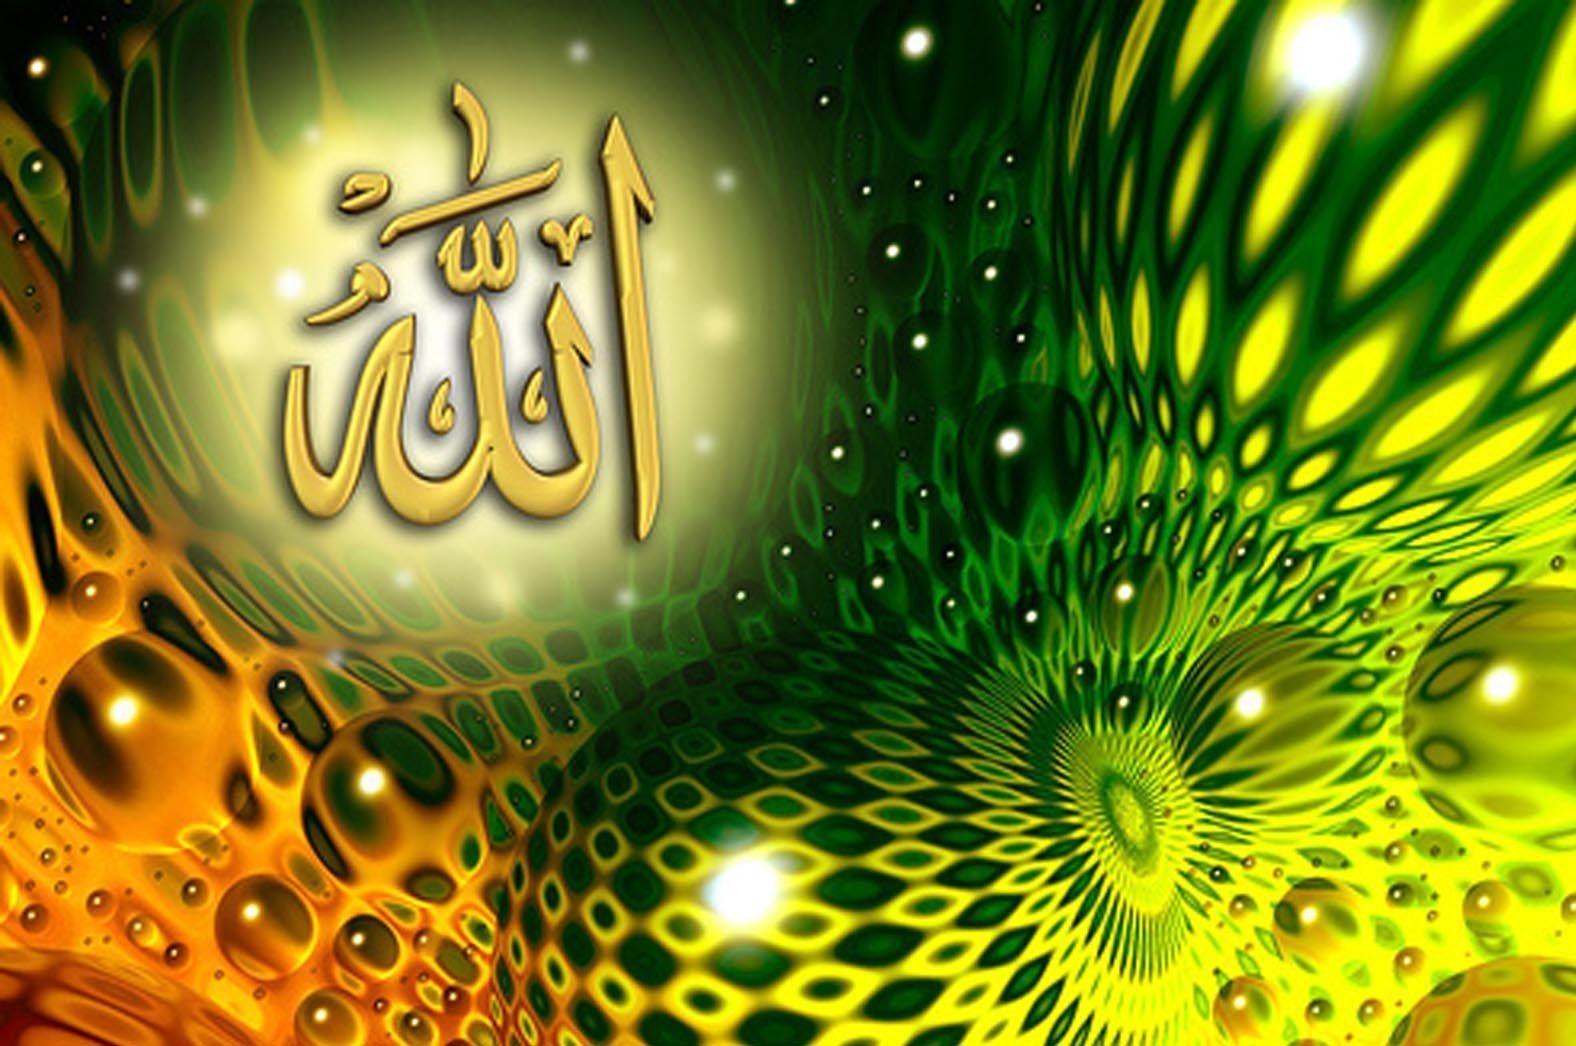 Beautiful Allah Name Hd Wallpaper Images Free Download Islamic Wallpaper Islamic Wallpaper Hd Allah Wallpaper